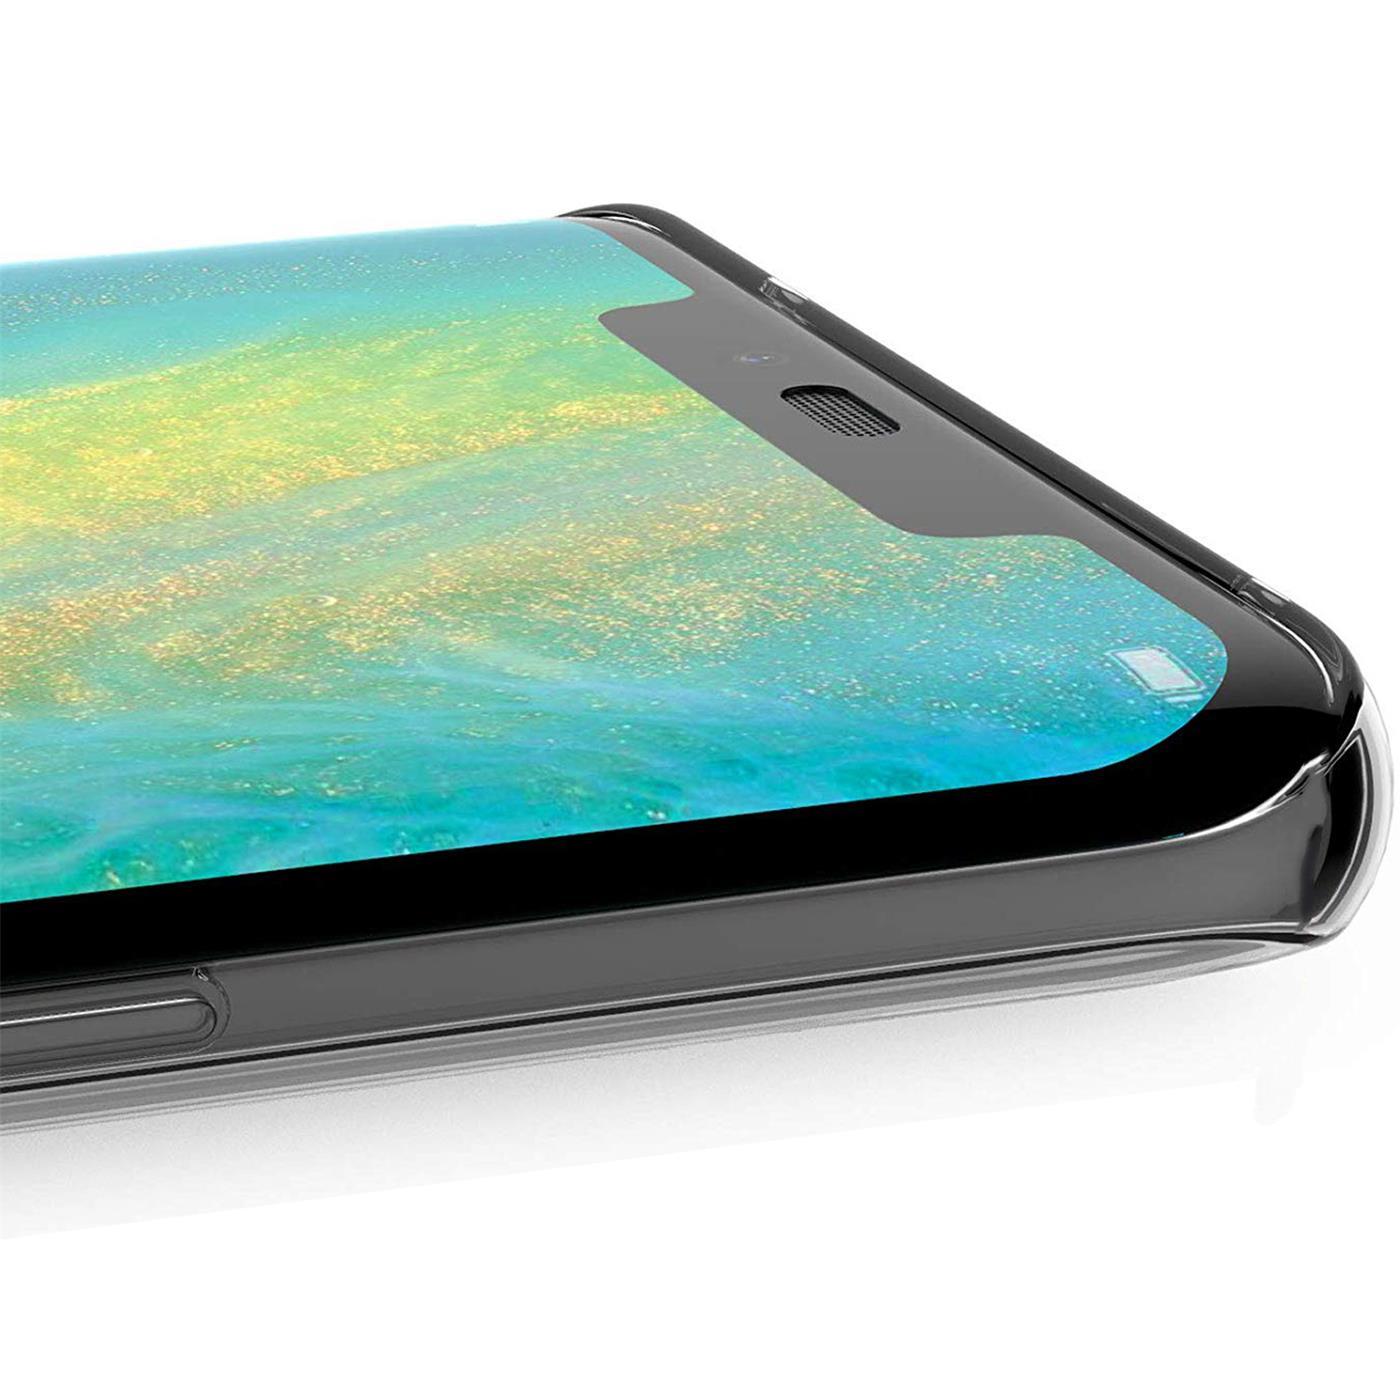 Huawei-P30-Lite-Motiv-Handy-Huelle-Silikon-Tasche-Schutzhuelle-Cover-Slim-TPU-Case Indexbild 22